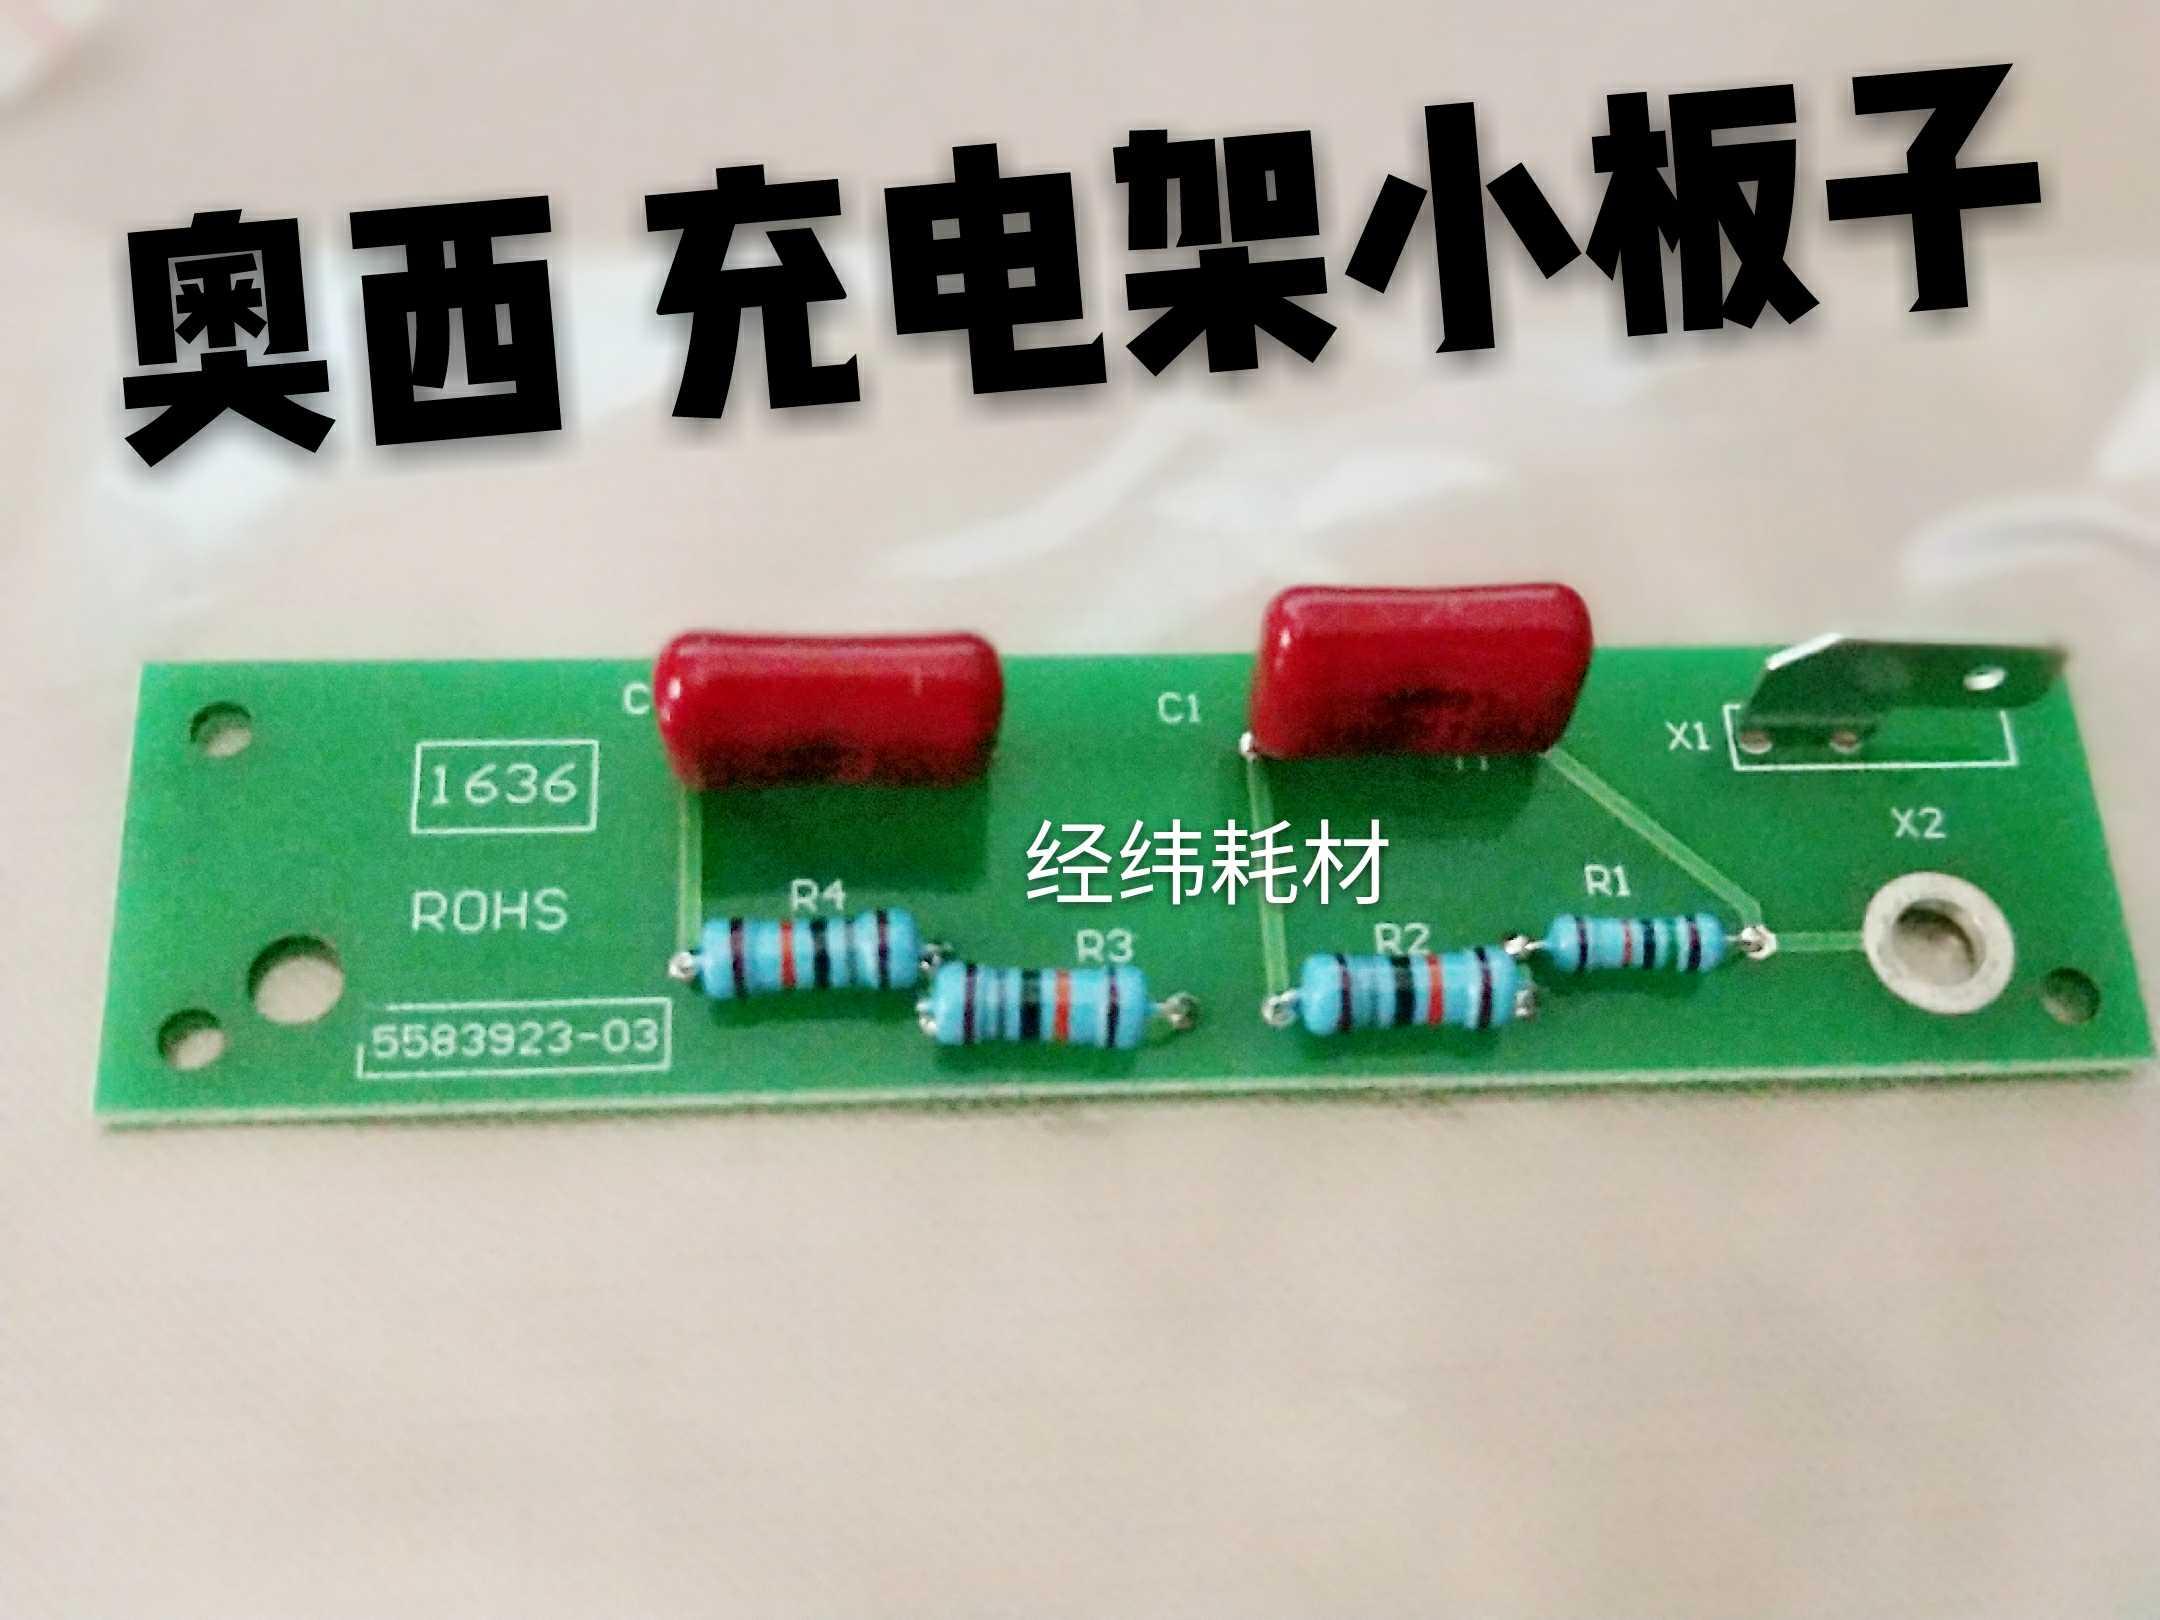 奥西TDS300/320/400/450/600/700/750/pw300/340充电架电源小板子